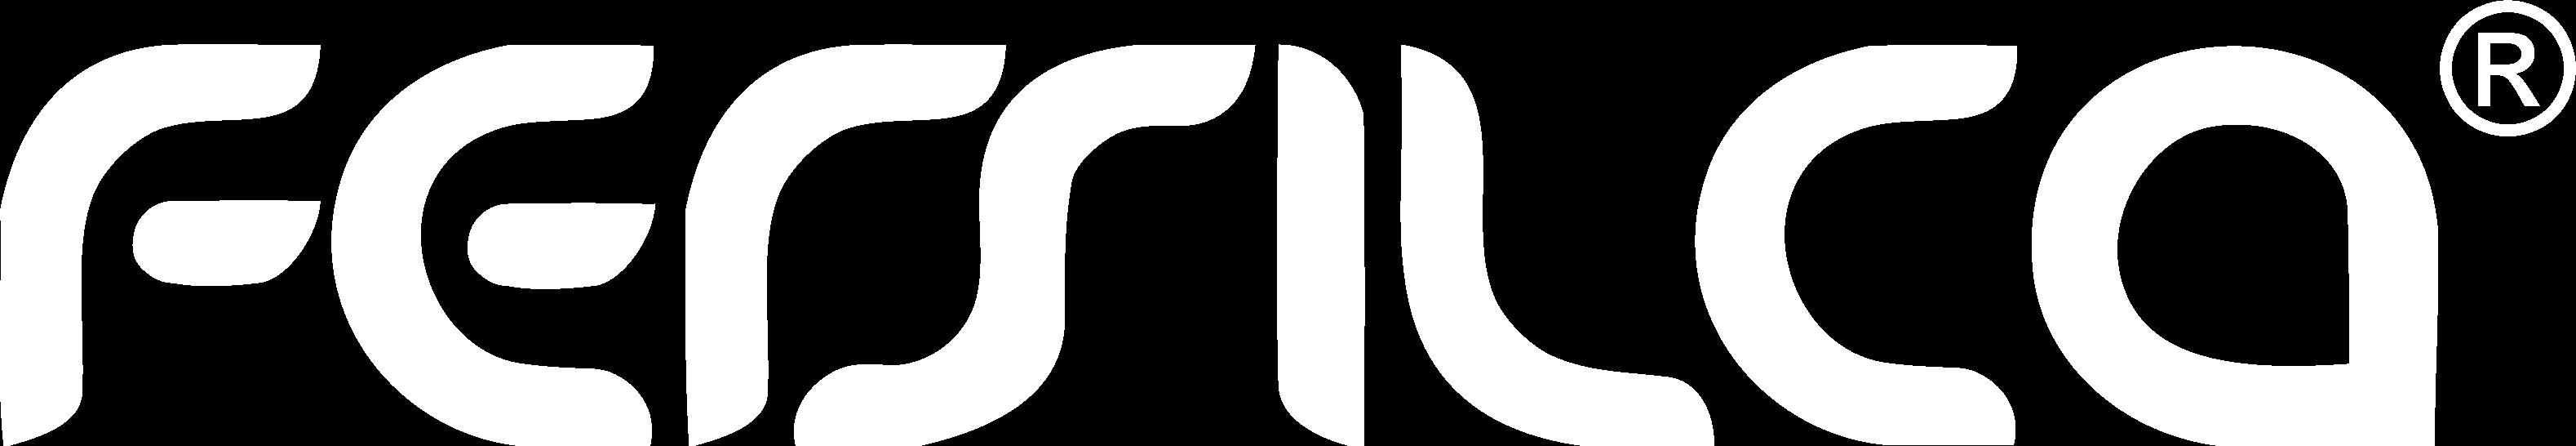 Reage - Informática e Serviços